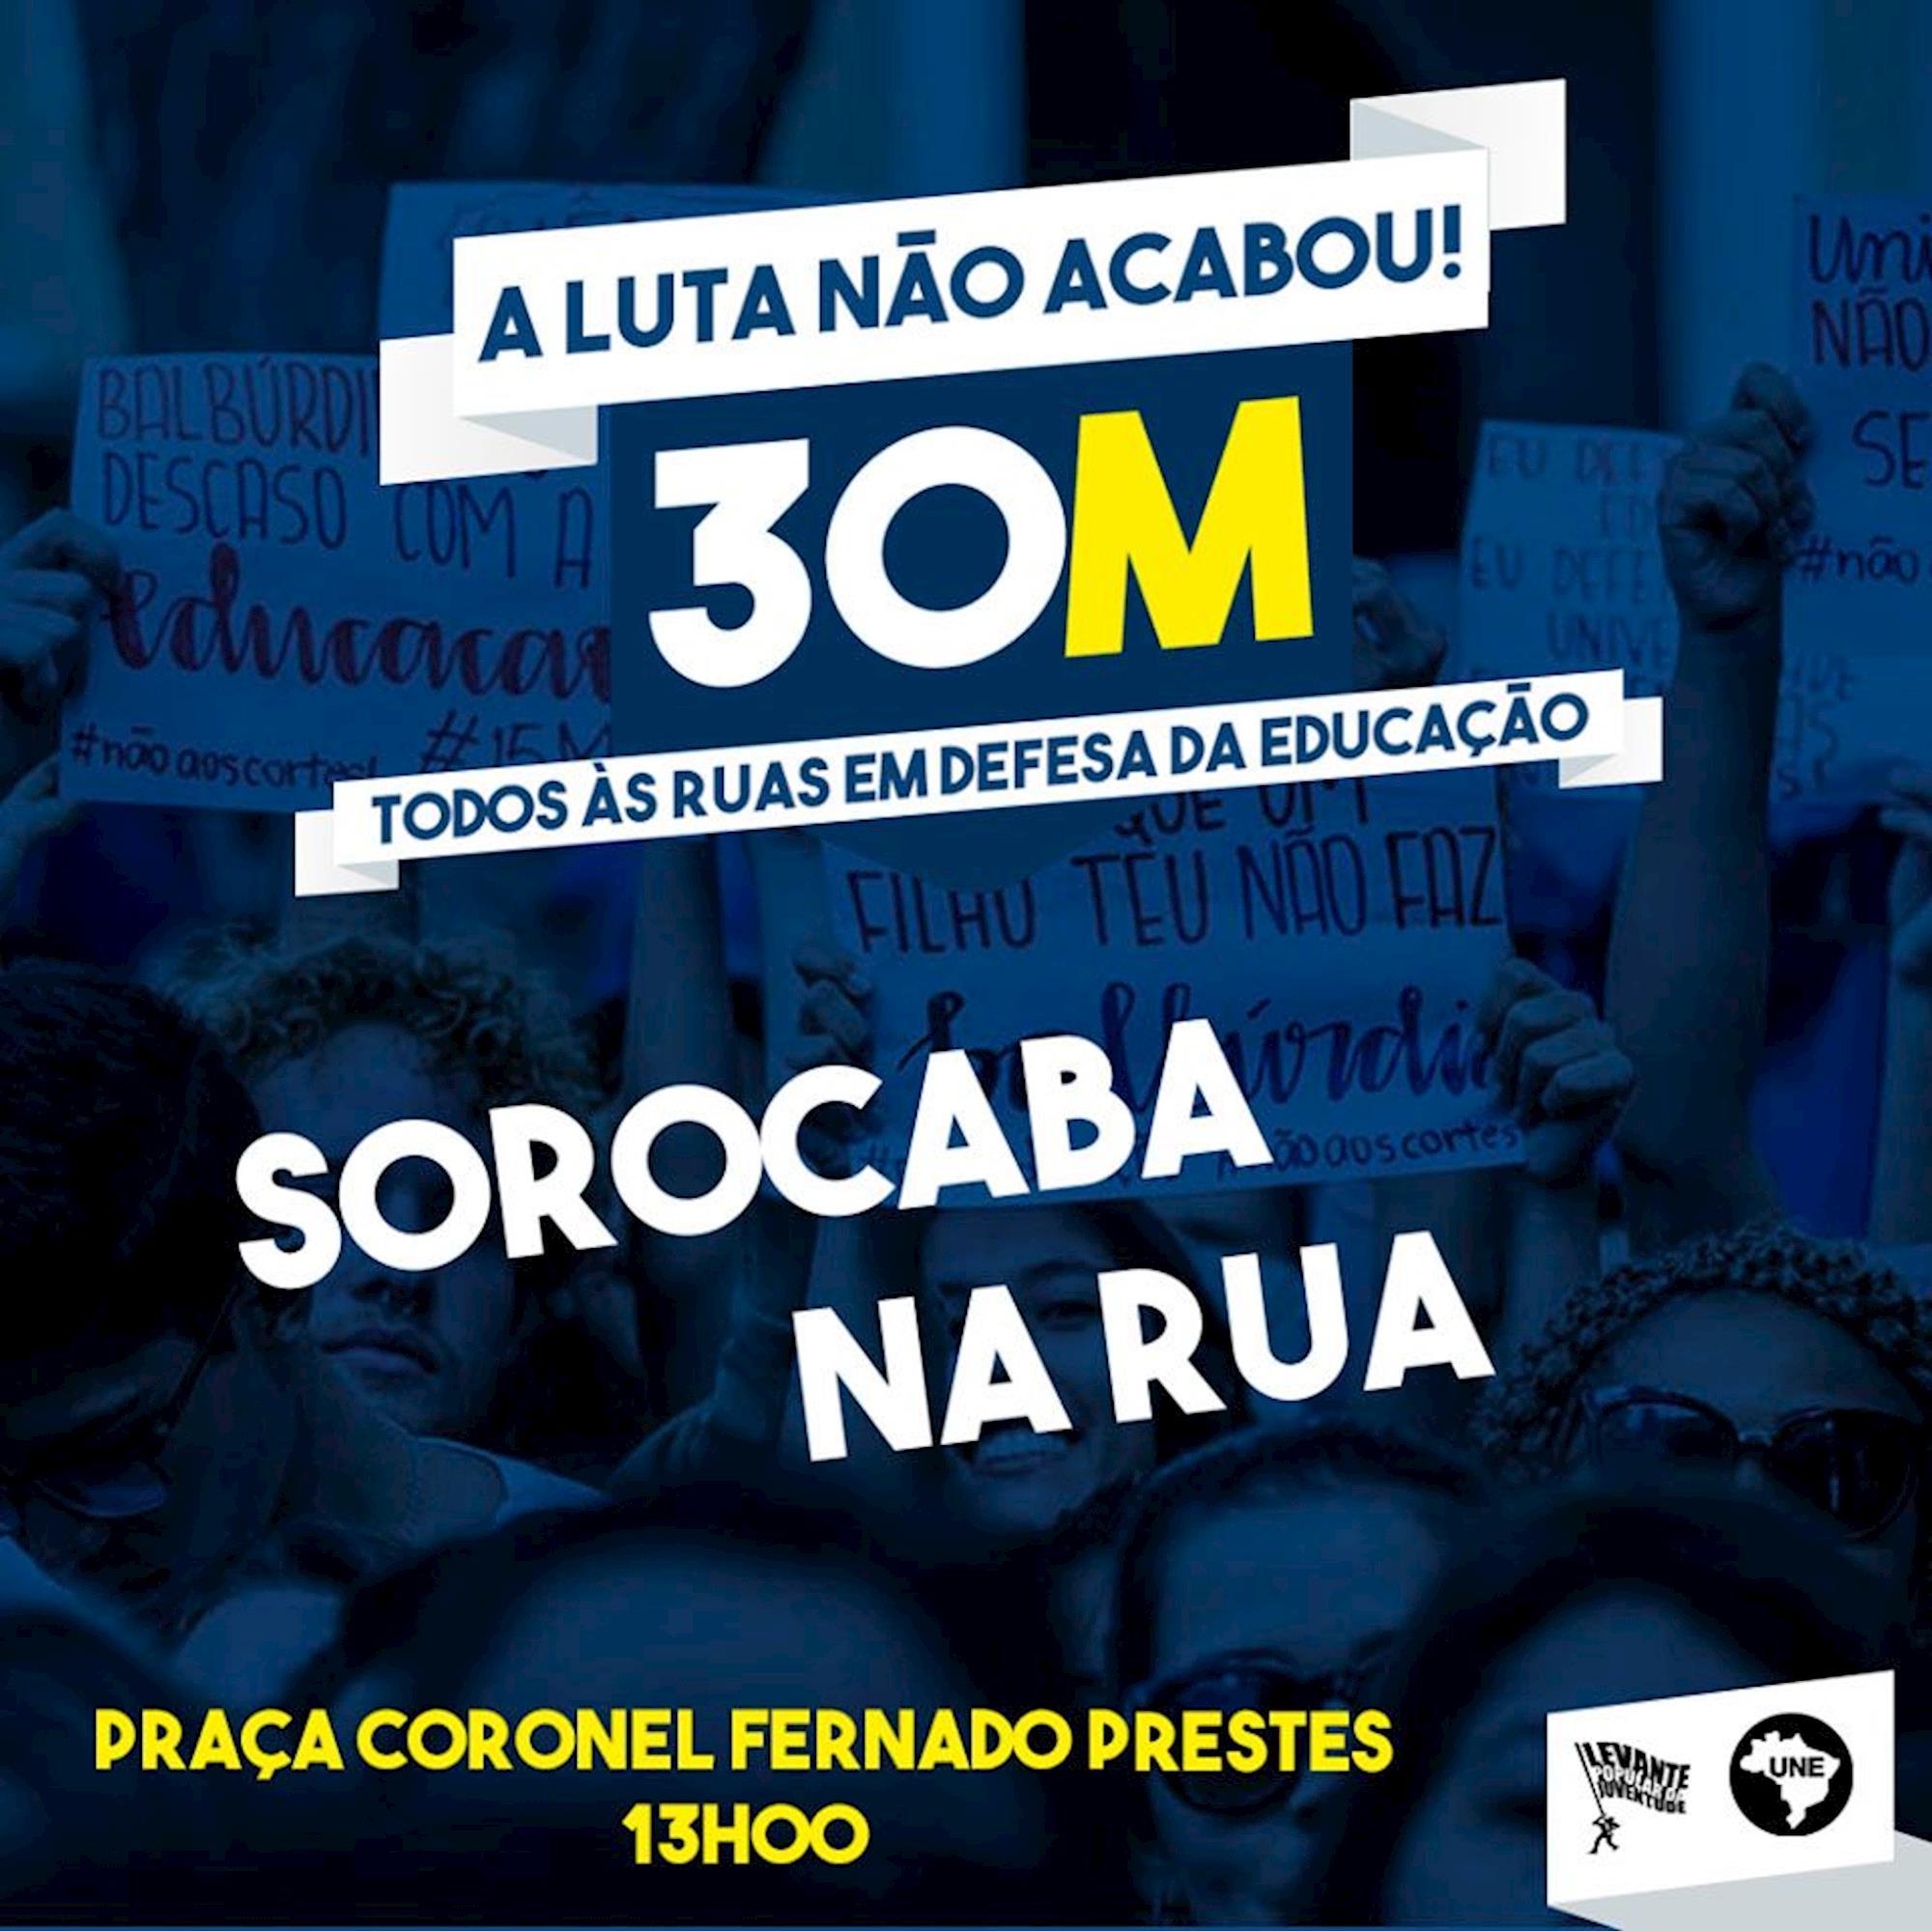 protesto, concentração, rua, educação, , Divulgação Levante Popular da Juventude e UNE